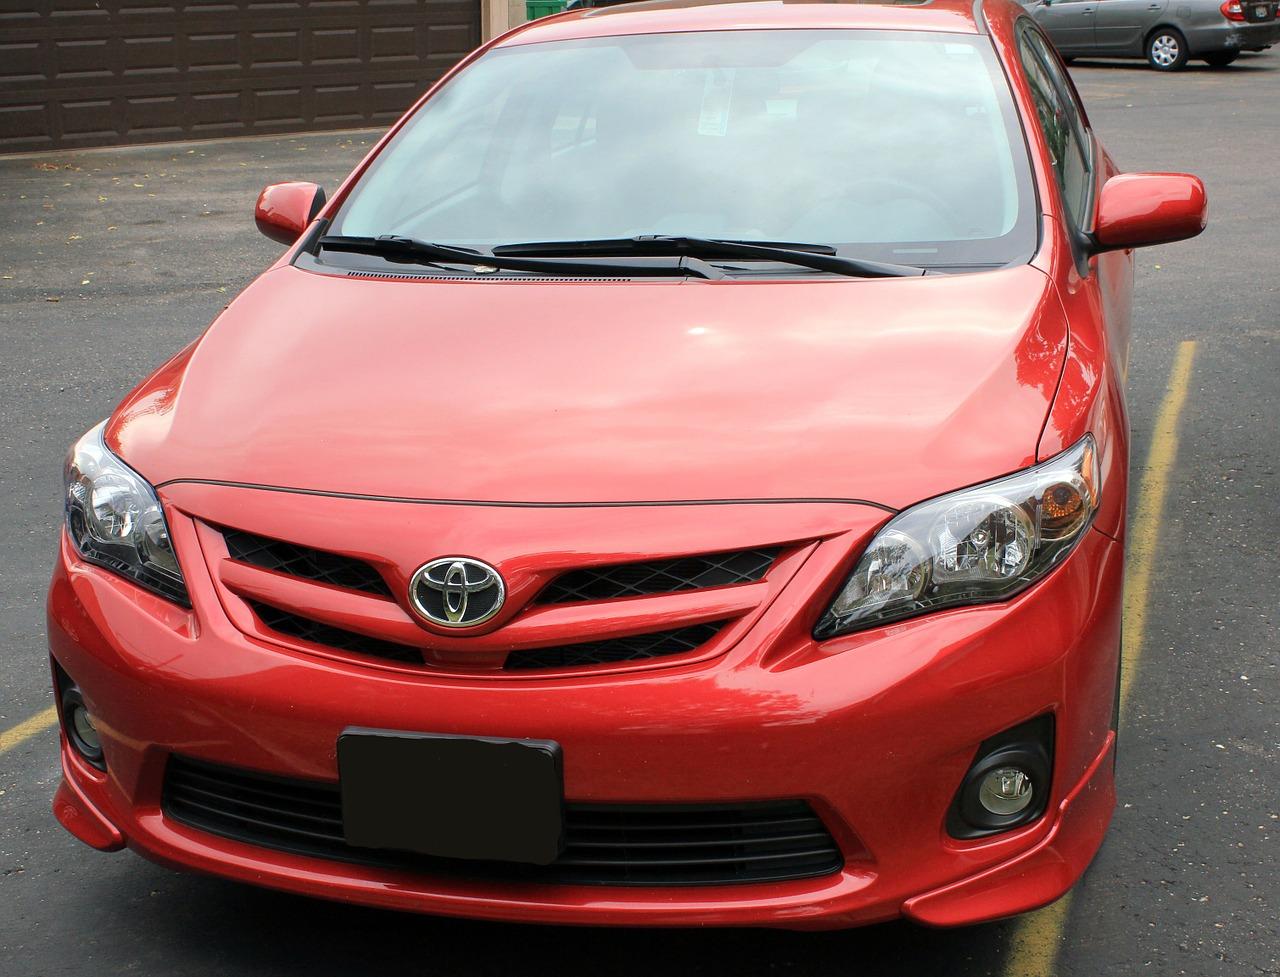 Nouveau rappel massif pour Toyota, 2,4 millions d'hybrides concernés